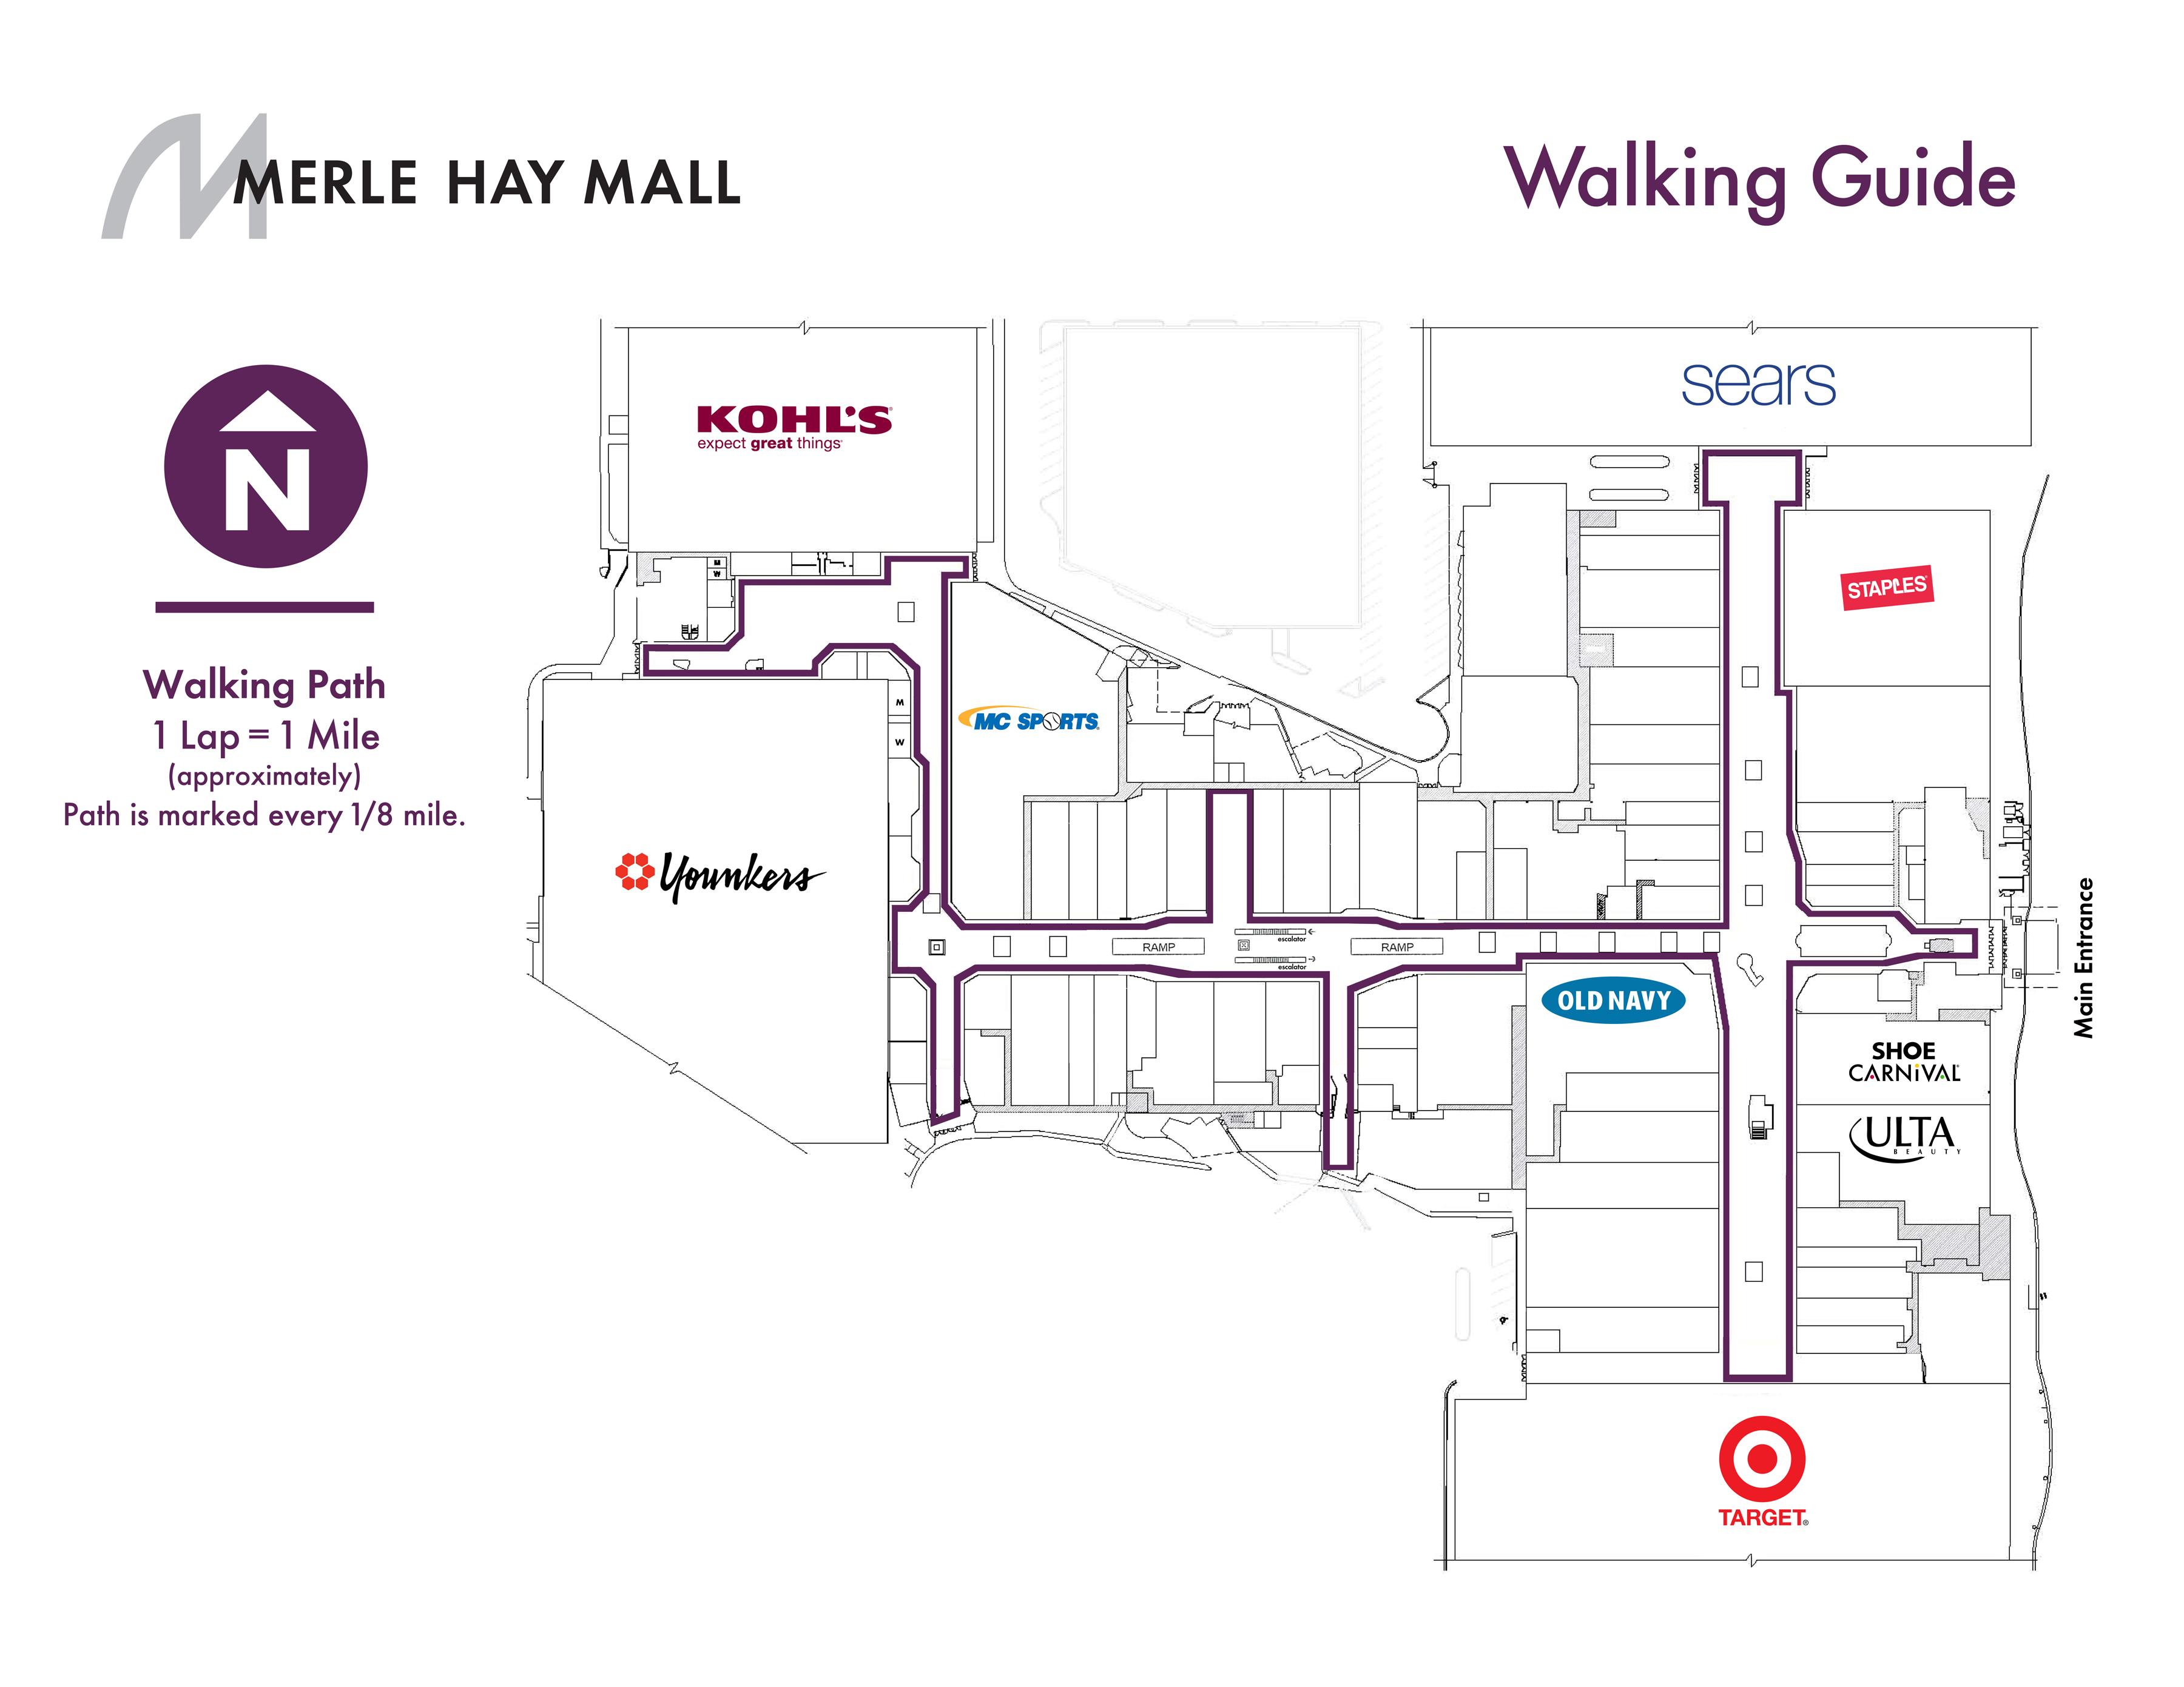 walking guide  merle hay mall - mall walker map